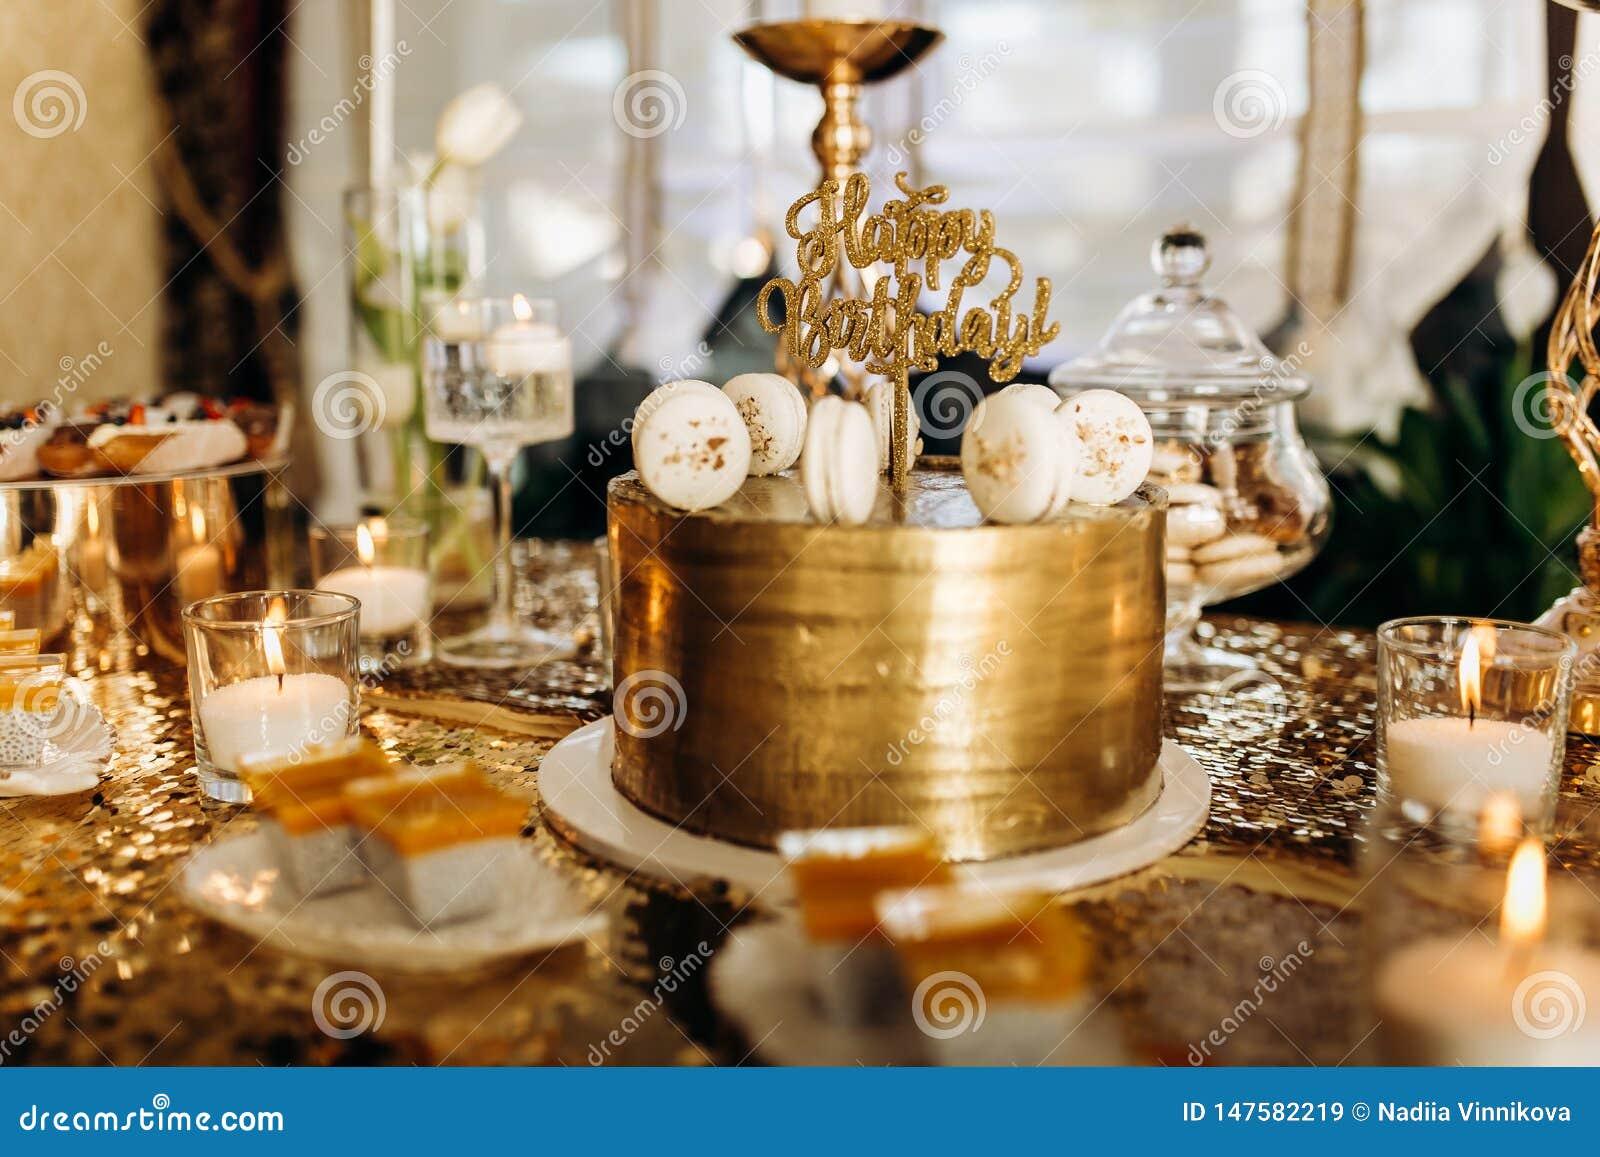 Um bolo de aniversário dourado é decorado com macarrão